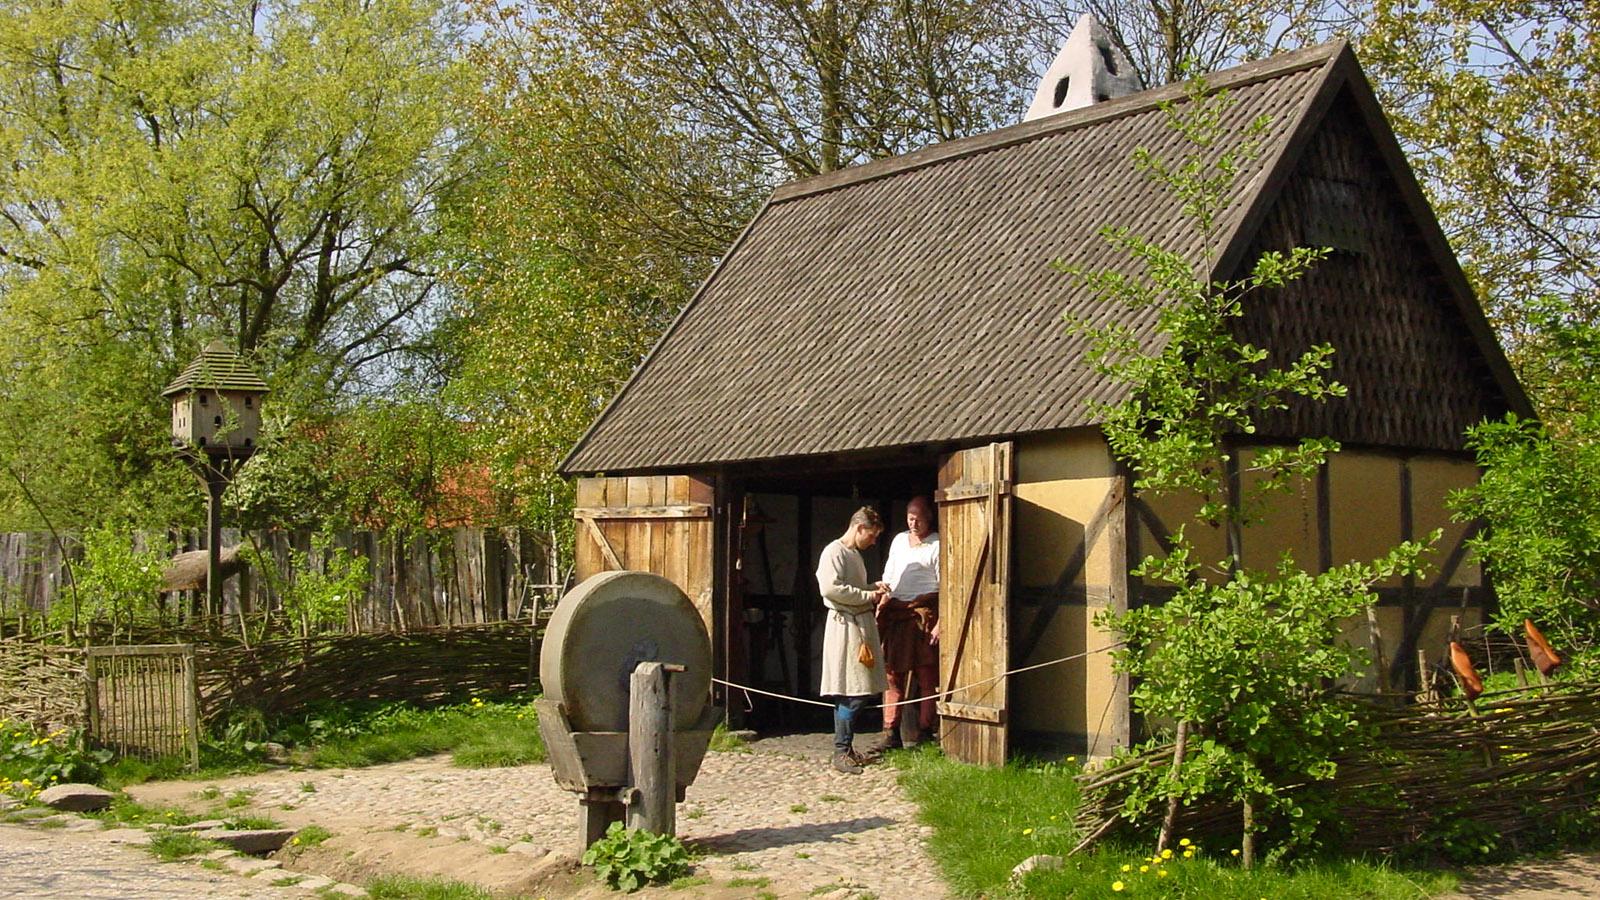 Die Schmiede des Mittelalter-Zentrums. Foto: Hilke Maunder